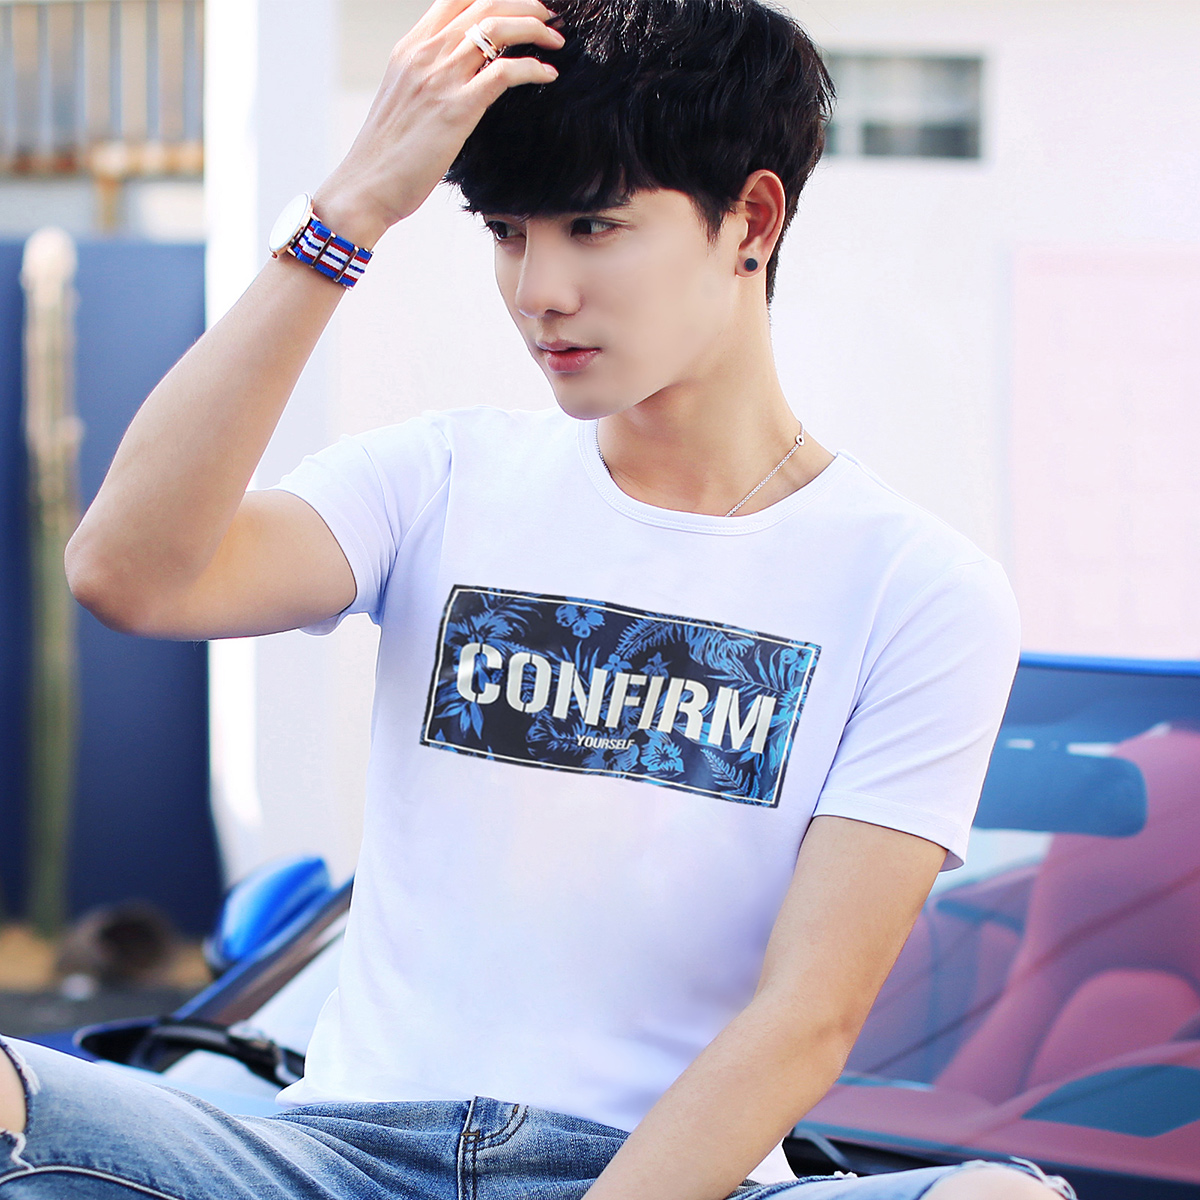 【2 модель 19】2017 летний костюм новый человек короткие рукав T футболки облегающий, южнокорейская версия белый сочувствовать приток мужчин установлены пальто одежда